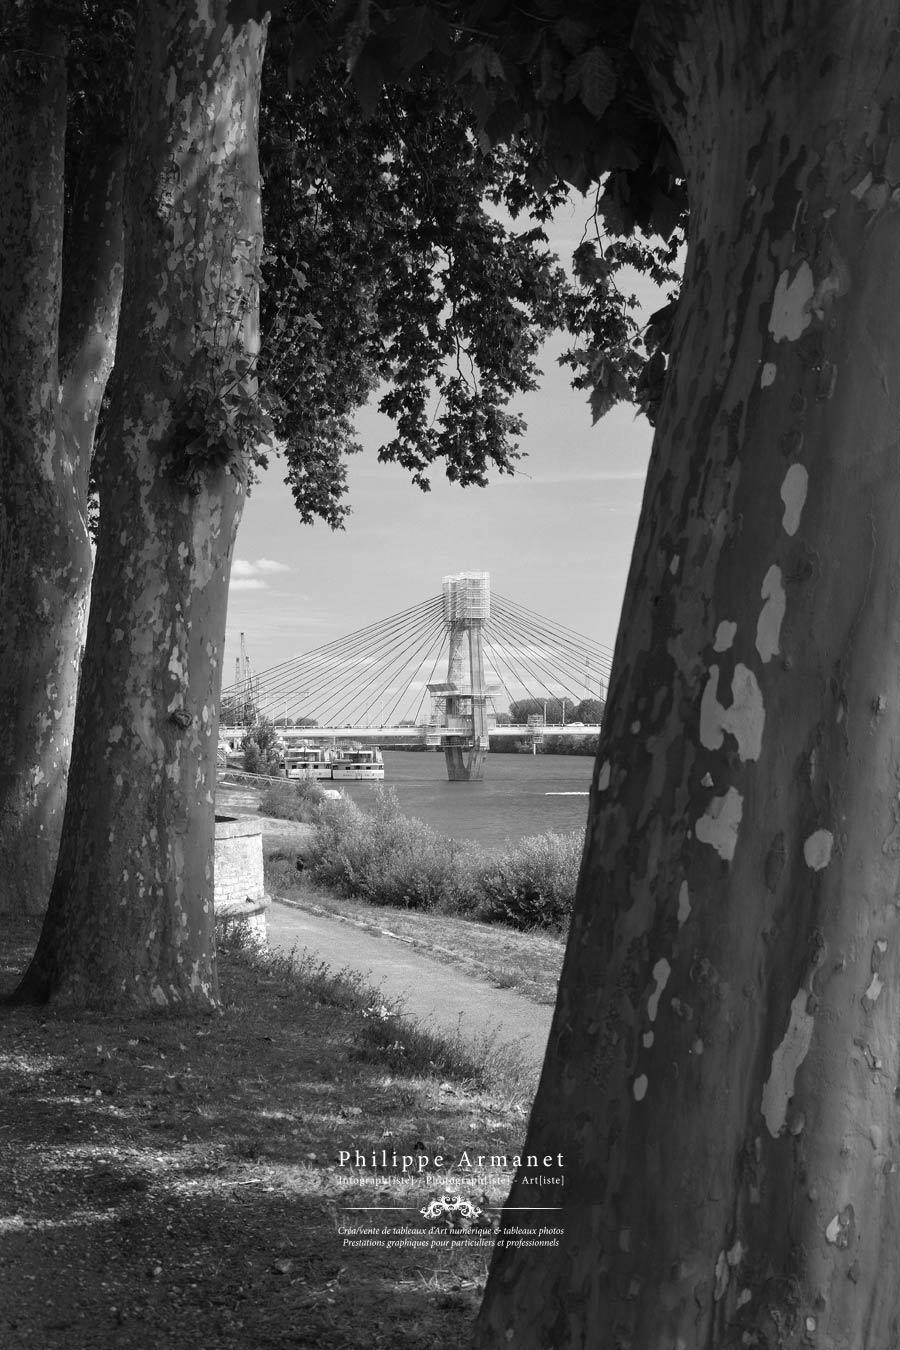 Photo du pont de Bourgogne à Chalon-sur-Saône